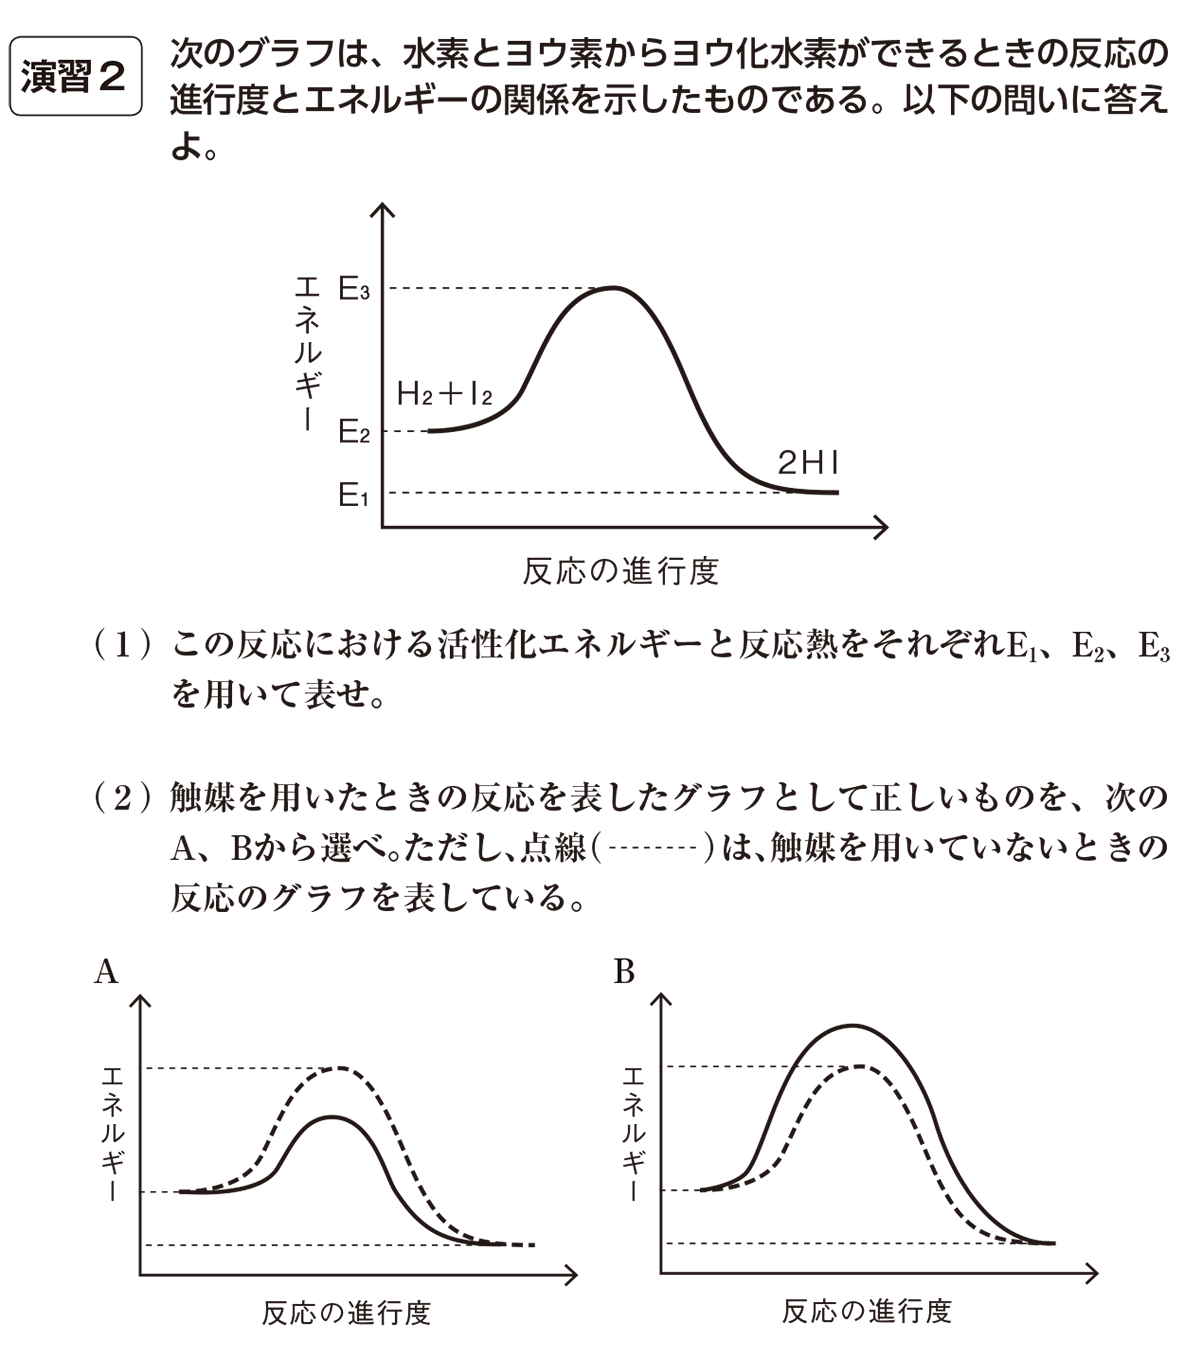 高校化学 化学反応の速さと平衡6 ポイント2 答えなし